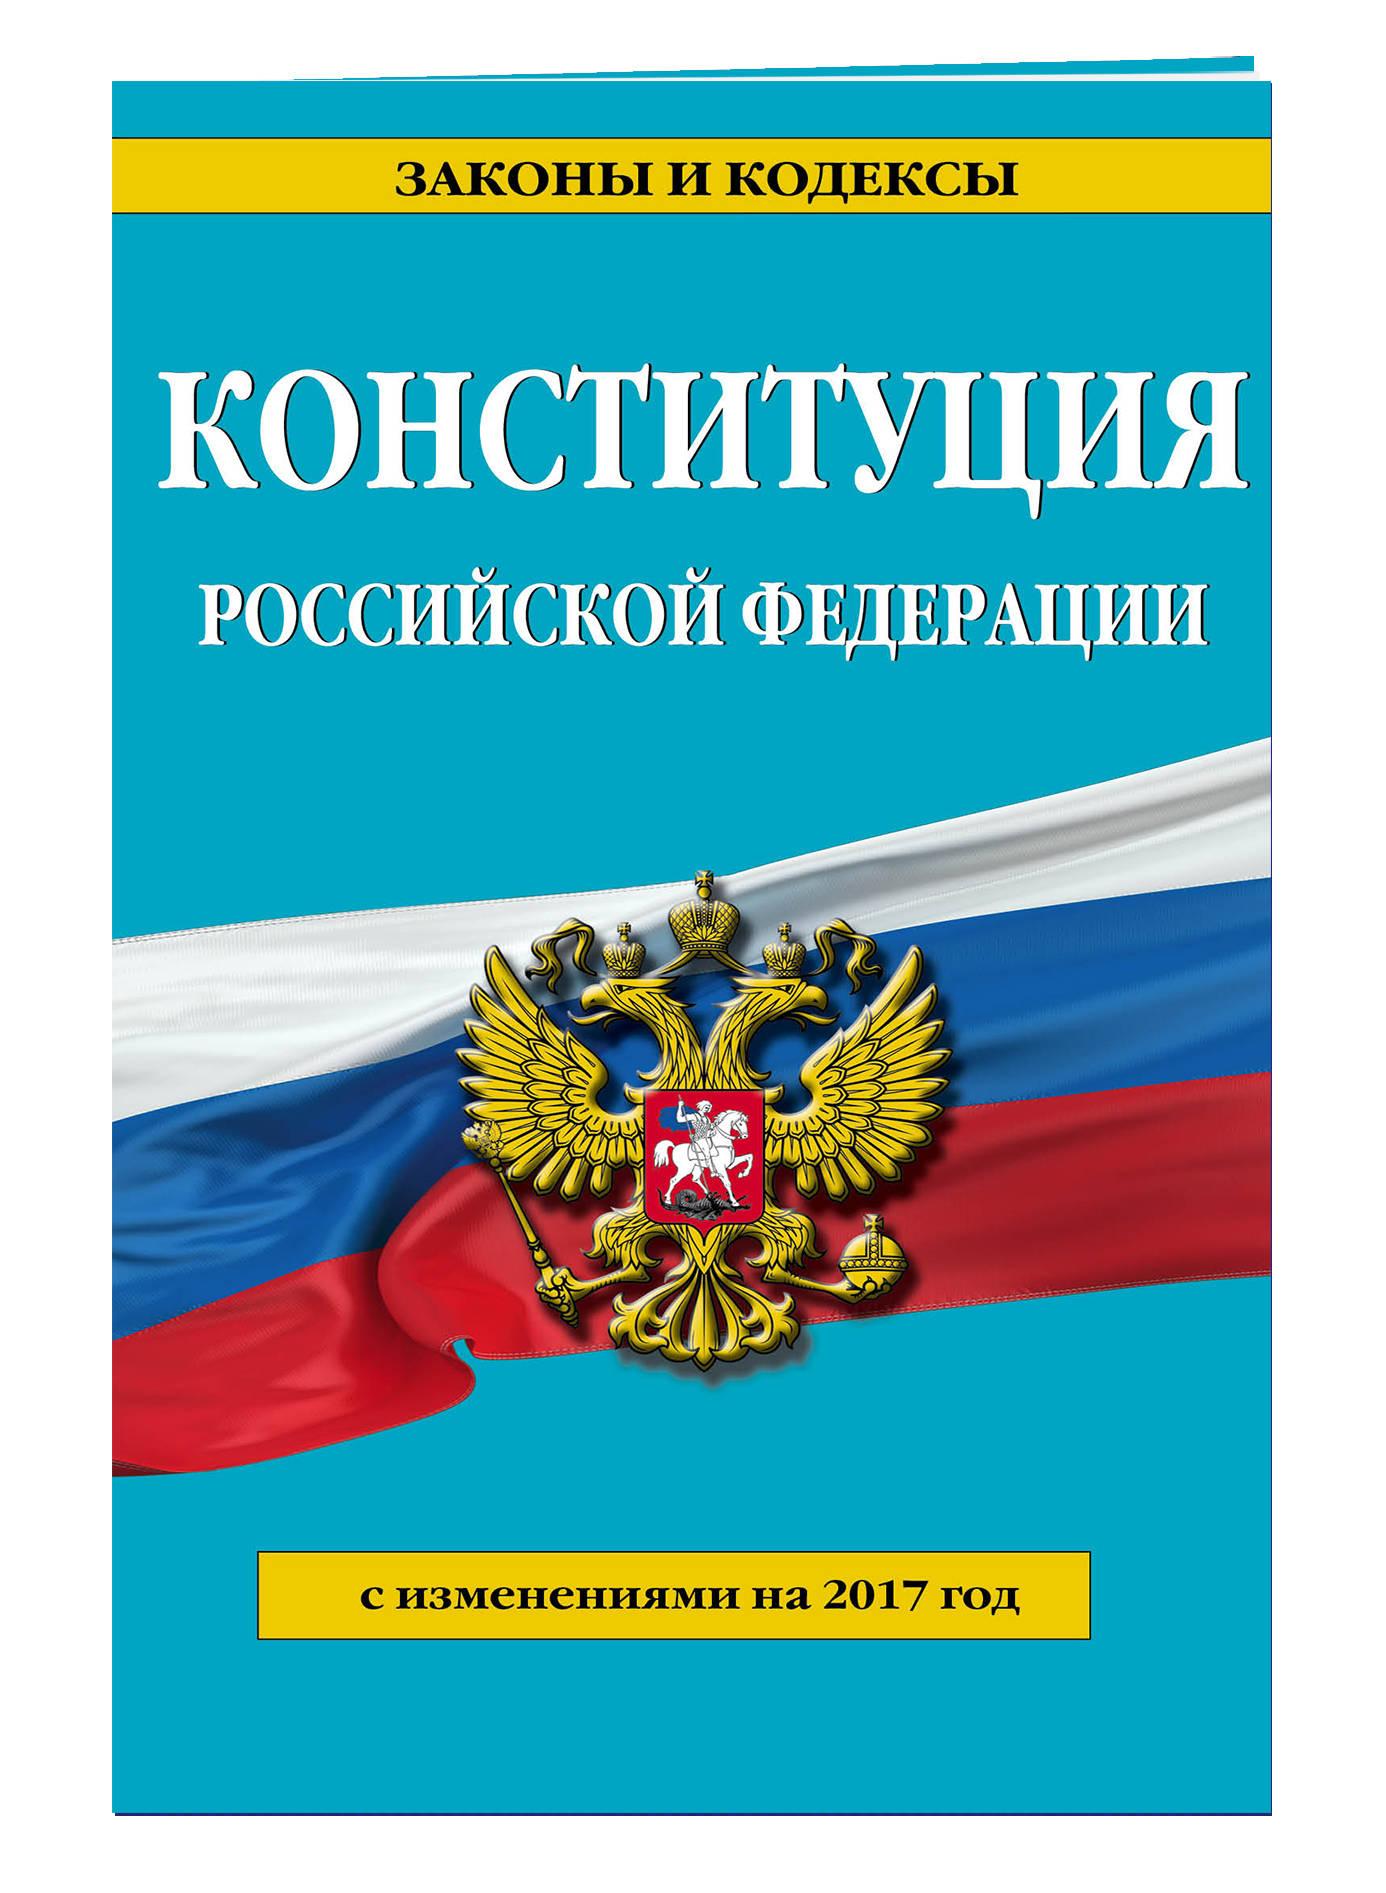 Конституция Российской Федерации с посл. изм. на 2017 г.